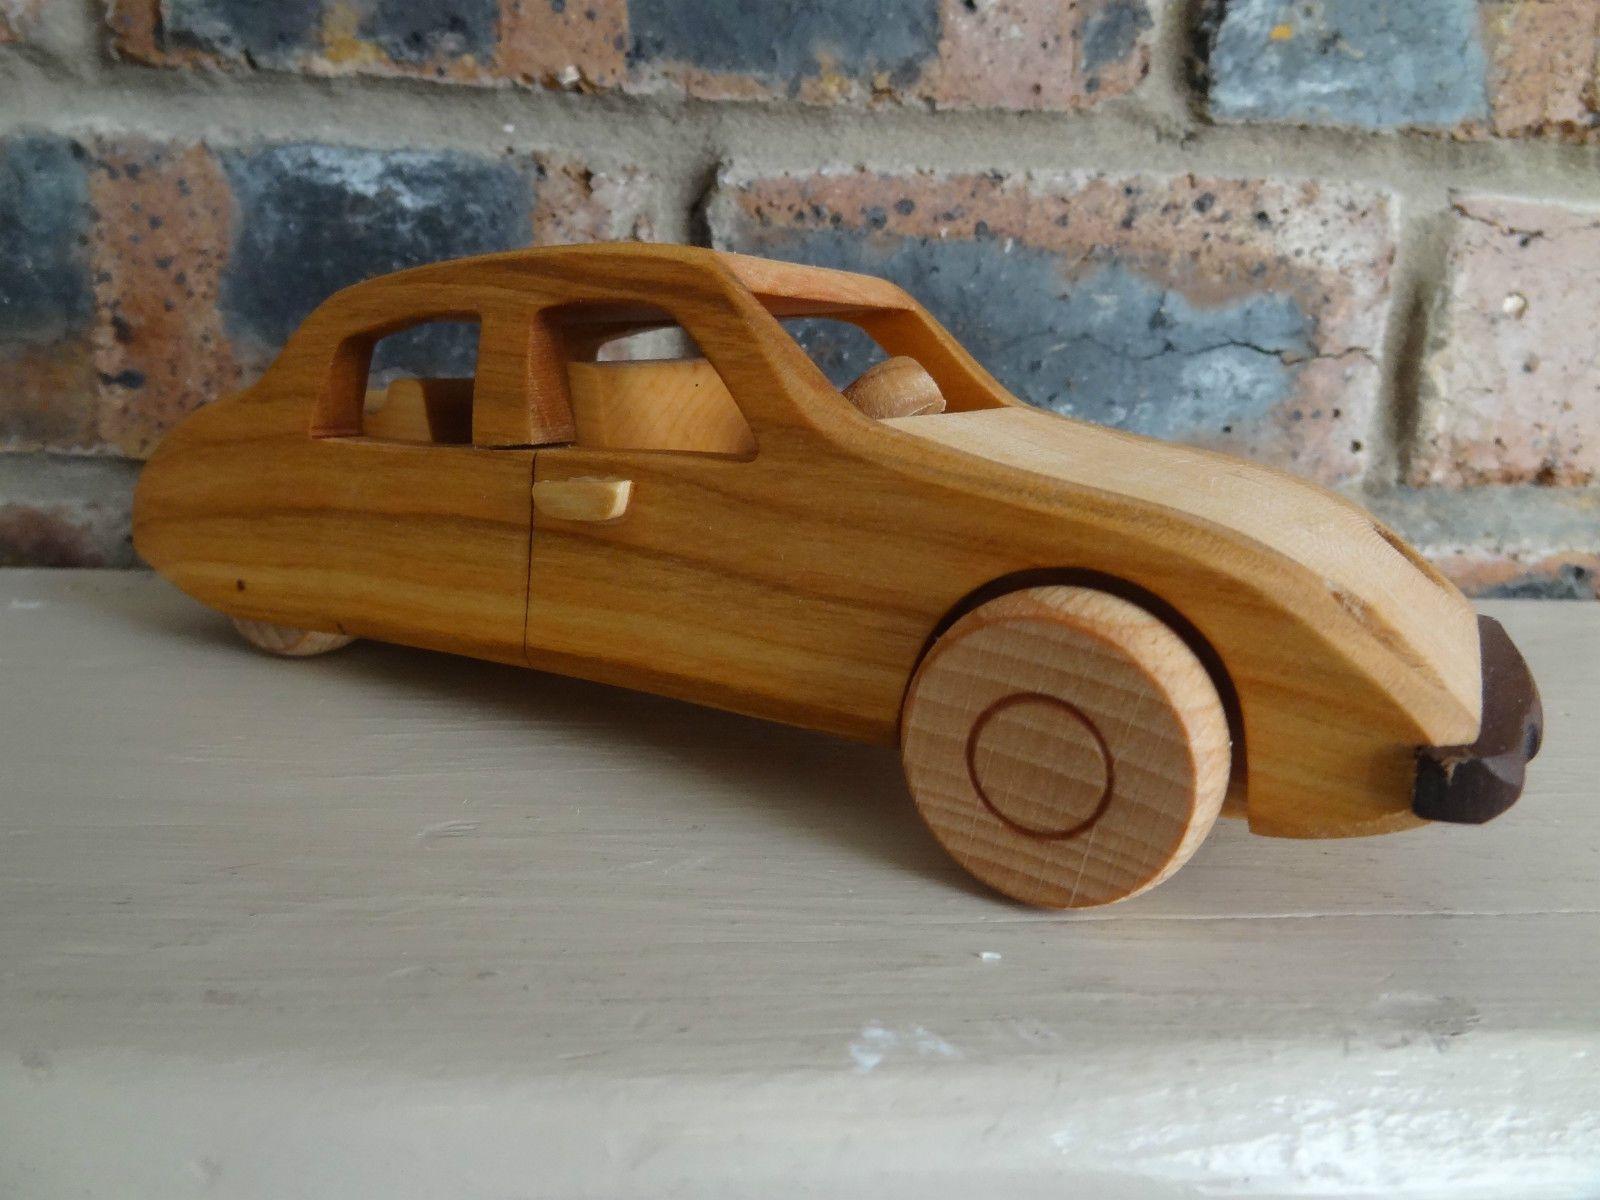 http://www.ebay.co.uk/itm/Wooden-toy-Citroen-D-vintage-style ...